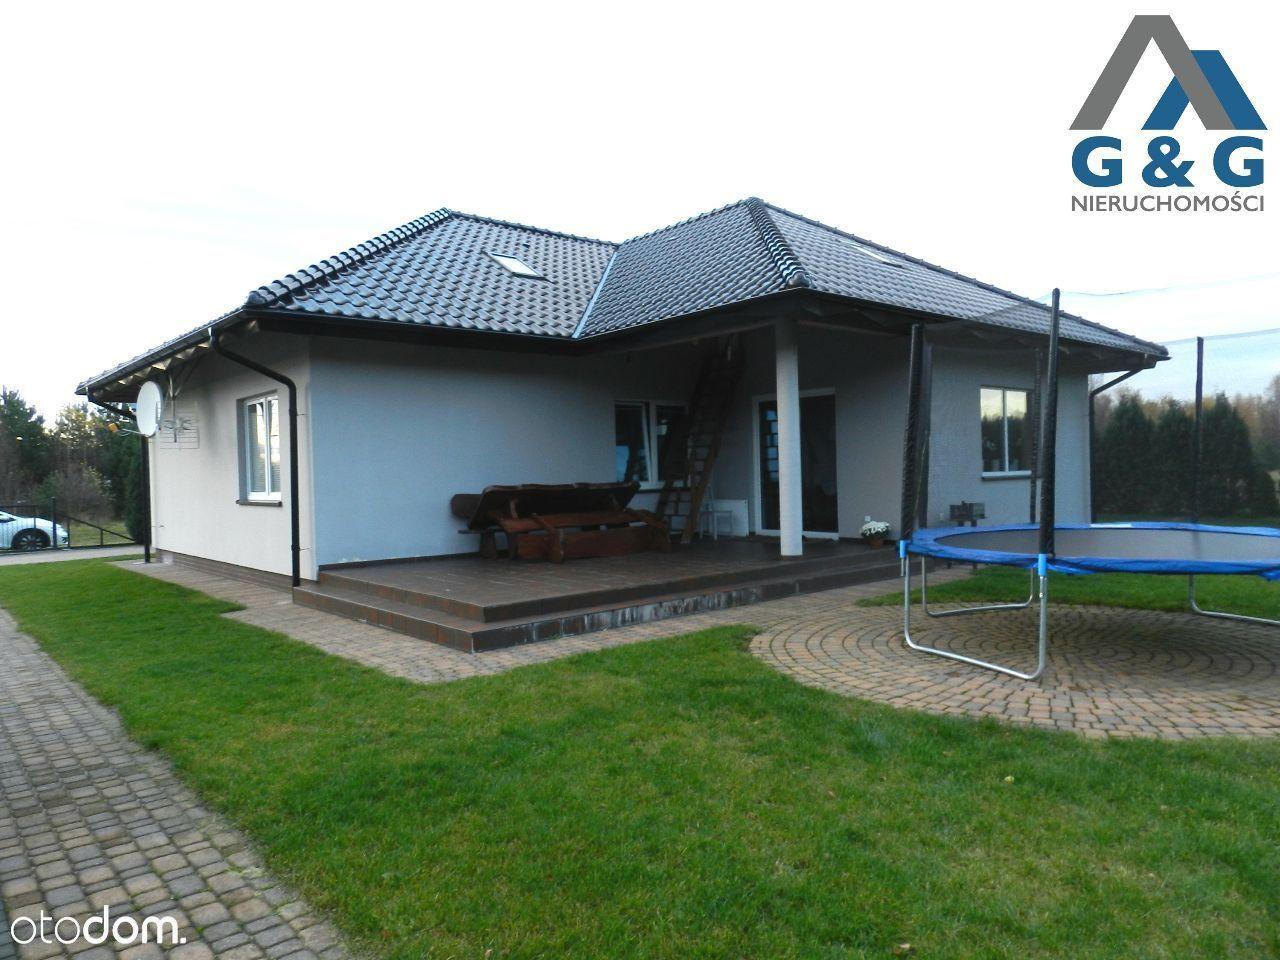 Dom na sprzedaż, Bożepole Małe, wejherowski, pomorskie - Foto 1